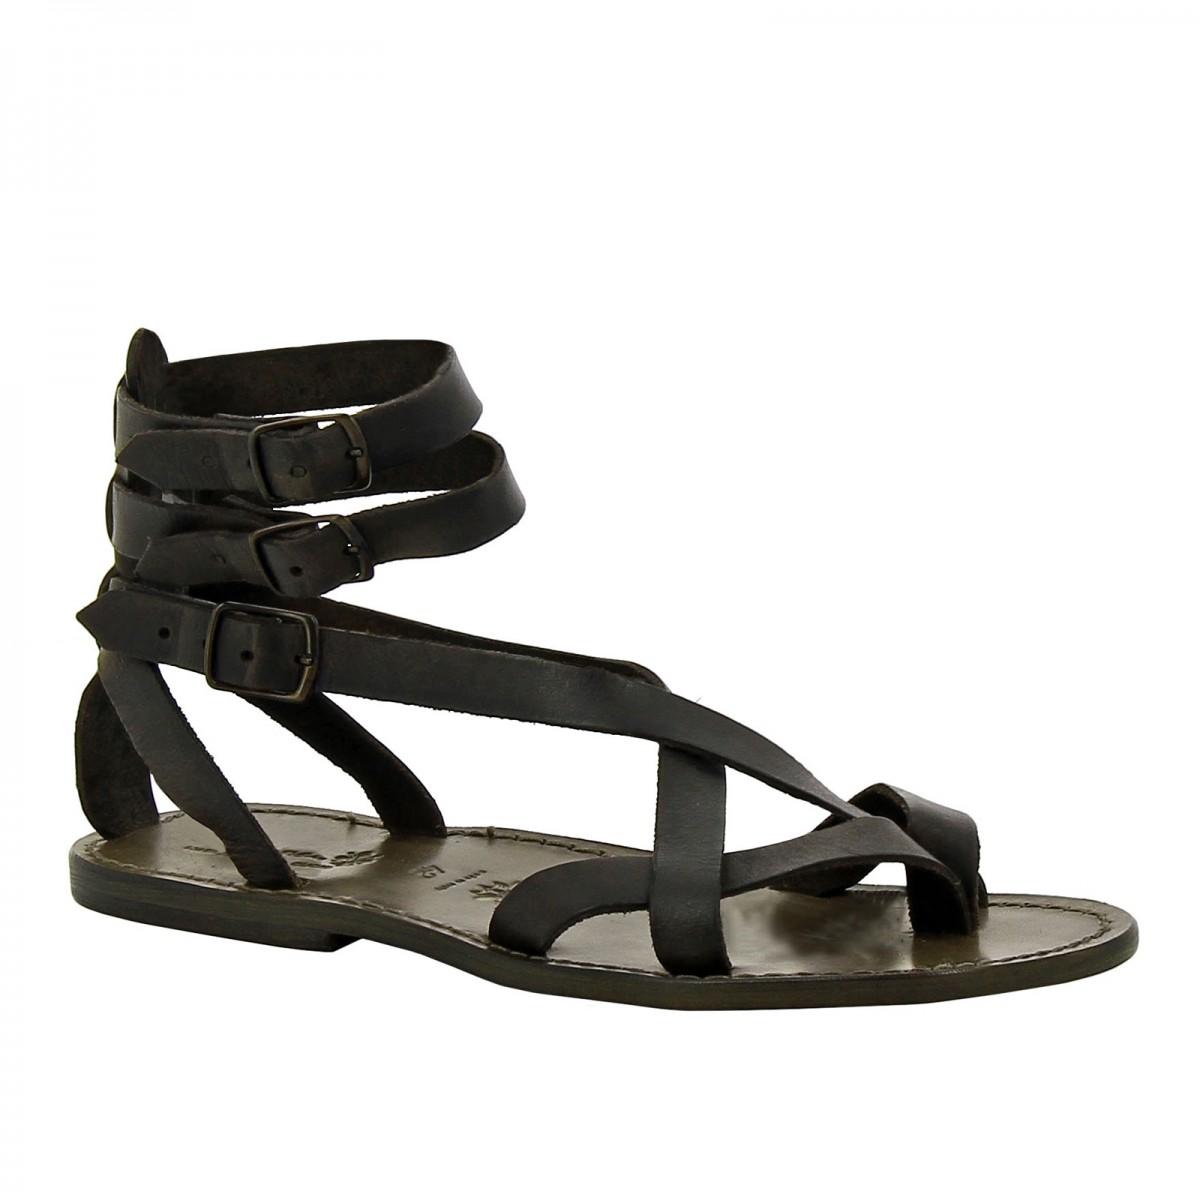 gladiator herren sandalen aus schwarz leder in italien von handgefertigt gianluca das leder. Black Bedroom Furniture Sets. Home Design Ideas